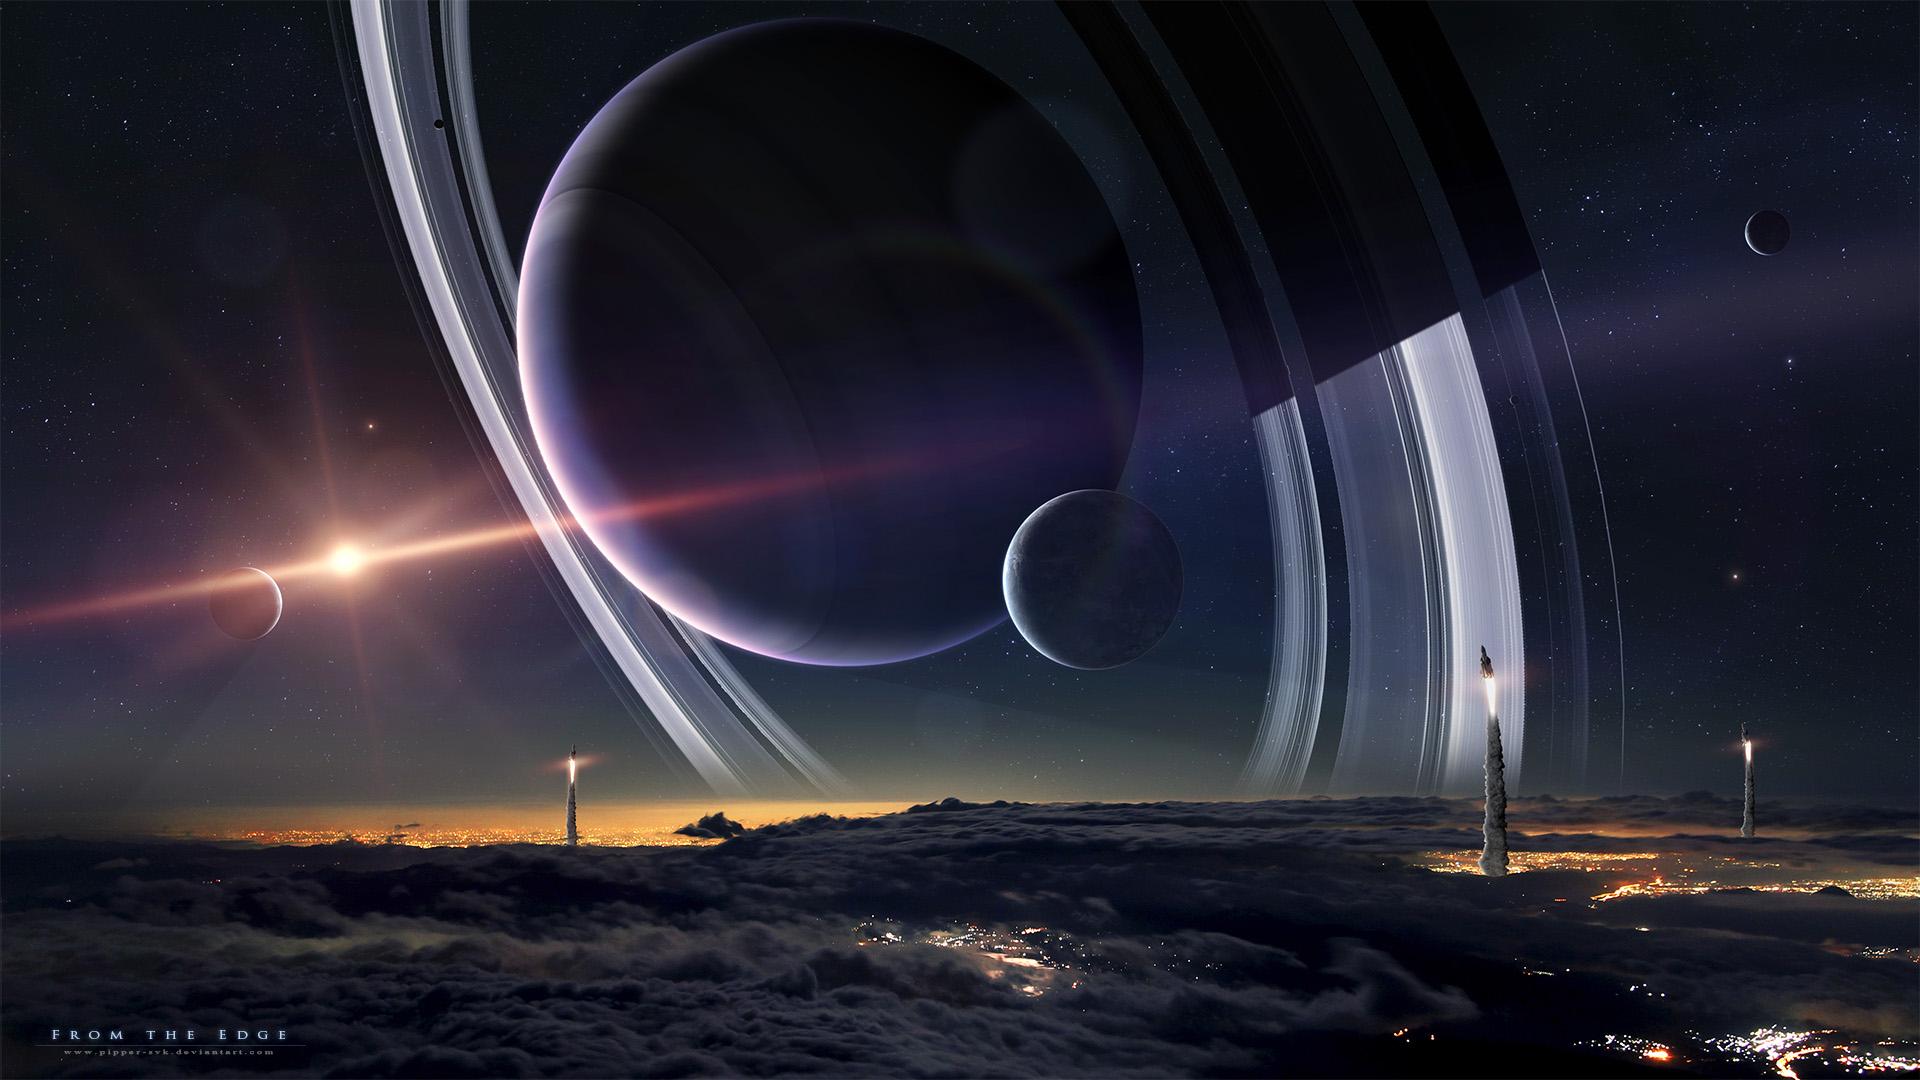 другие миры космоса картинки продаются